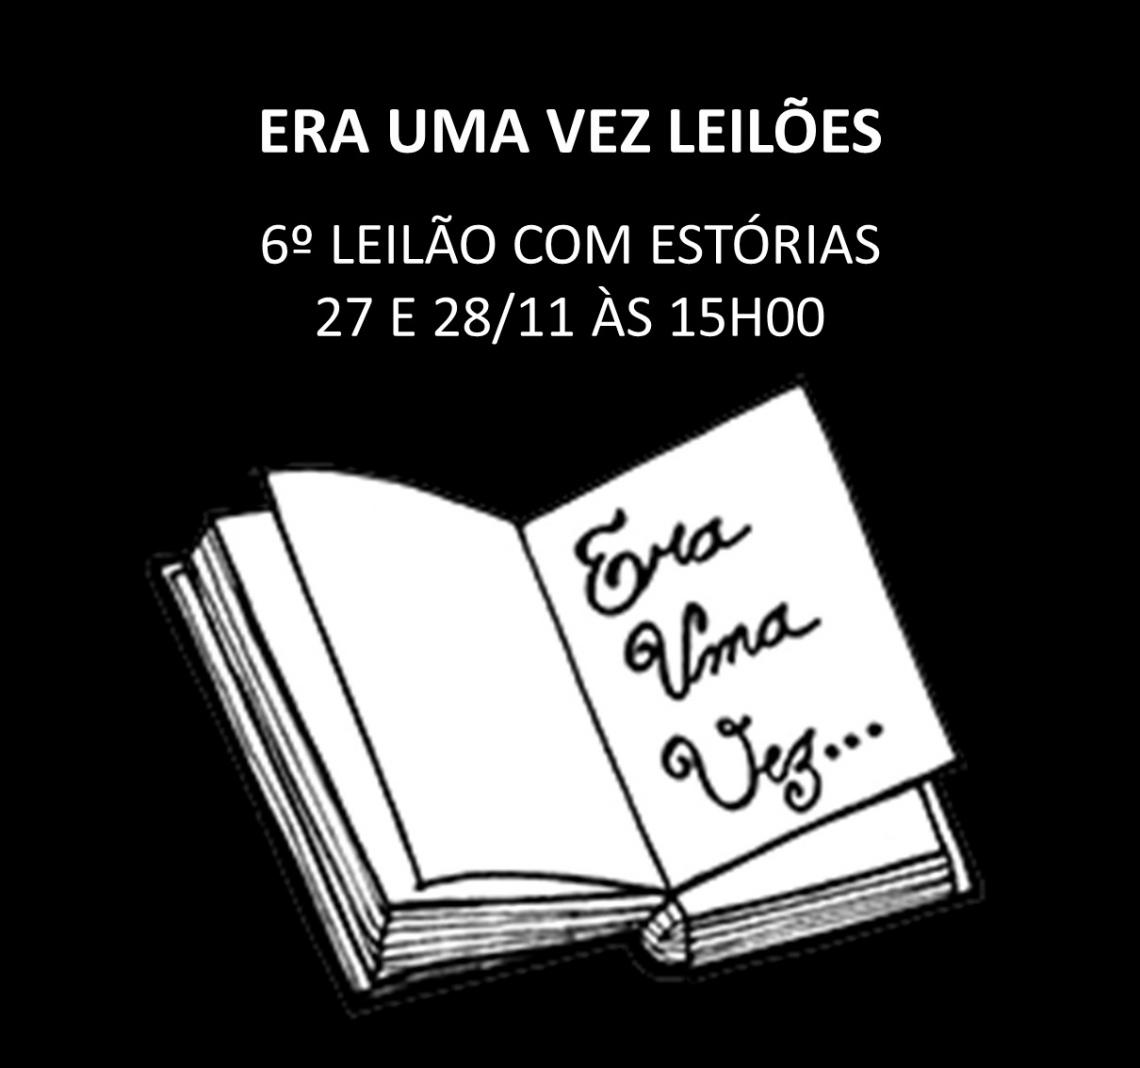 6º LEILÃO COM ESTÓRIAS - ARTE, COLECIONISMO, CURIOSIDADES COM OPORTUNIDADES